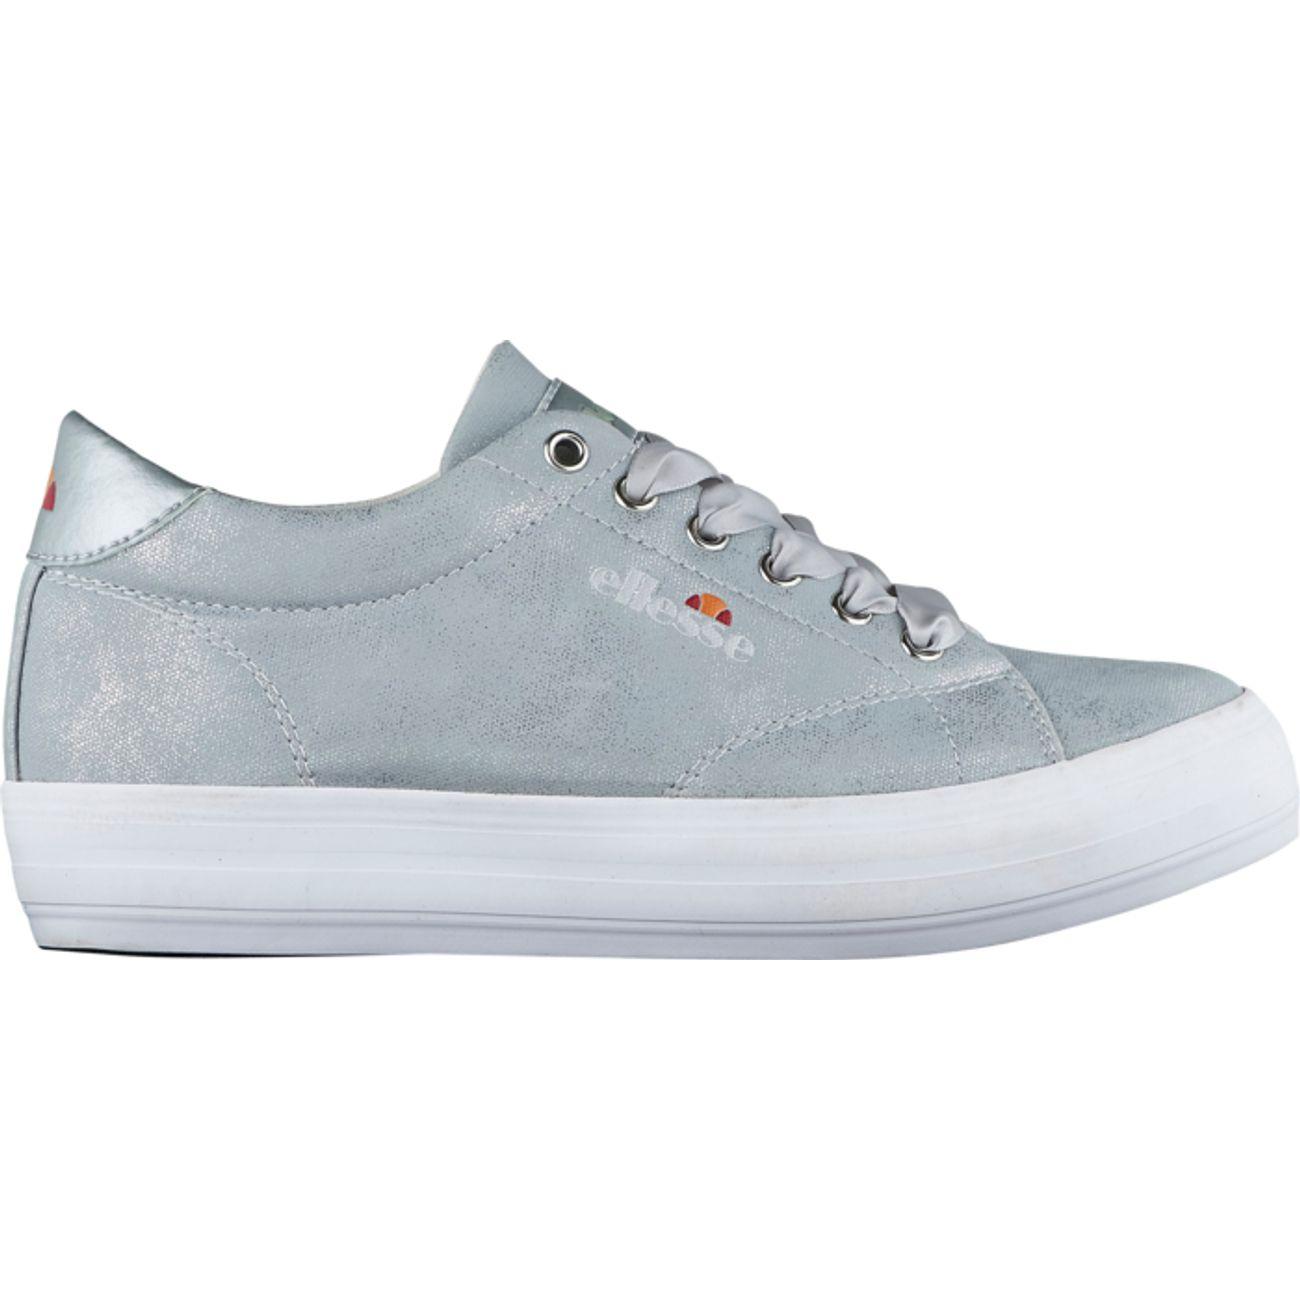 Chaussures Femme Loisirs Sport achat et prix pas cher Go